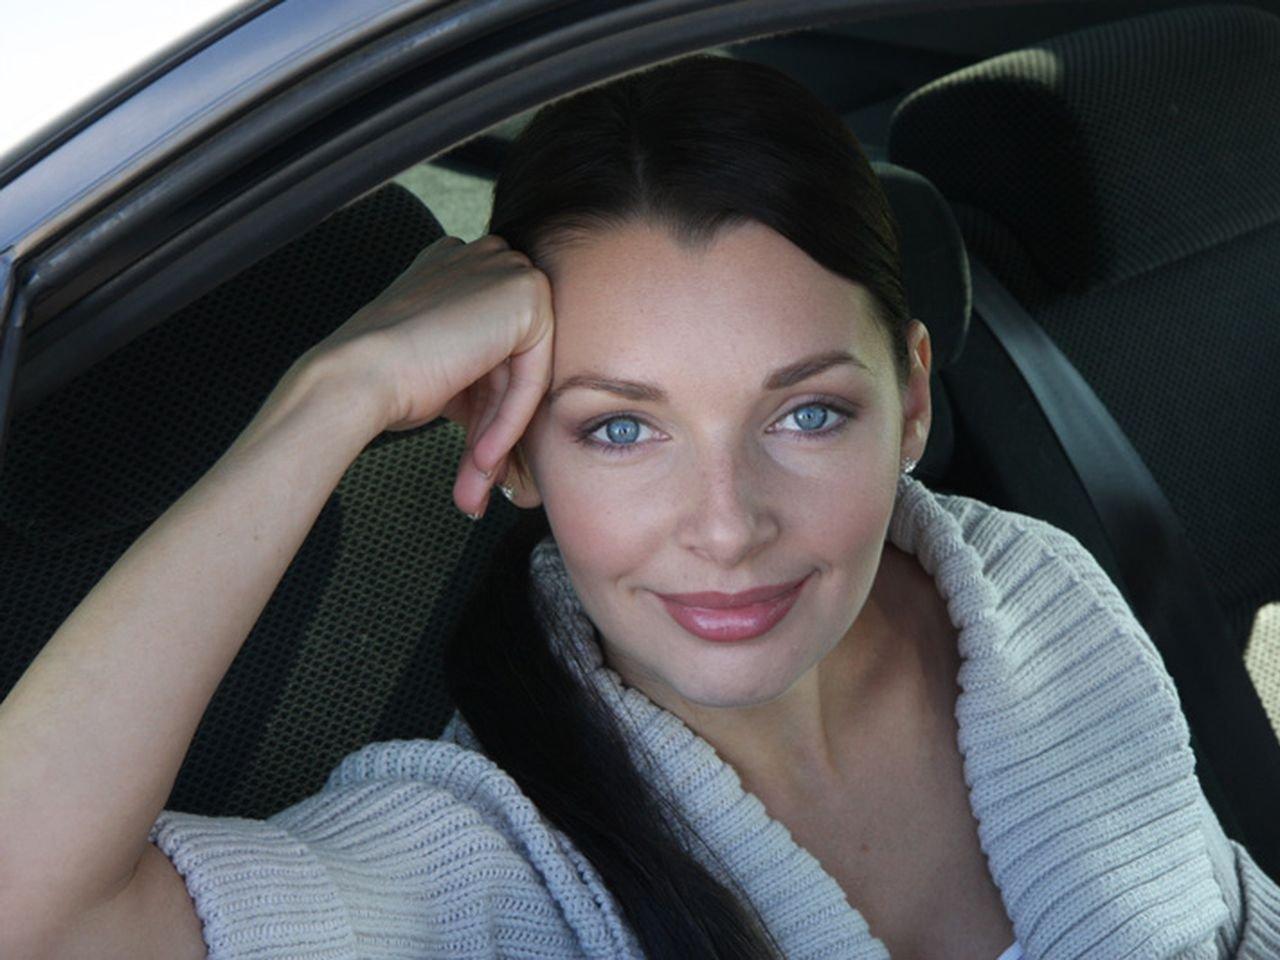 Наталья Антонова - самая красивая российская актриса